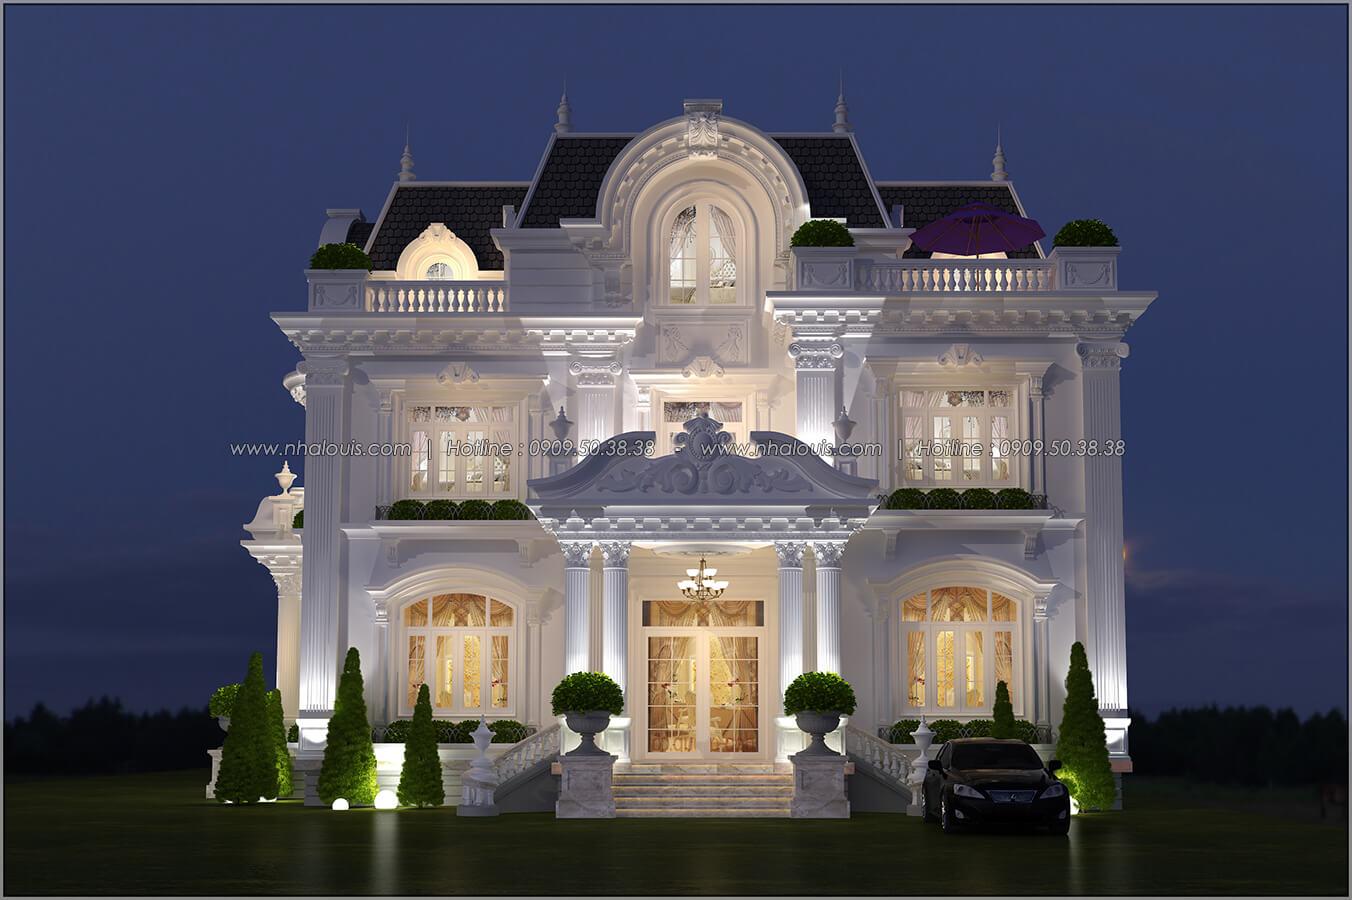 Mặt tiền Mê mẩn với thiết kế biệt thự 3 tầng kiểu Pháp hoành tráng tại Biên Hòa - 01